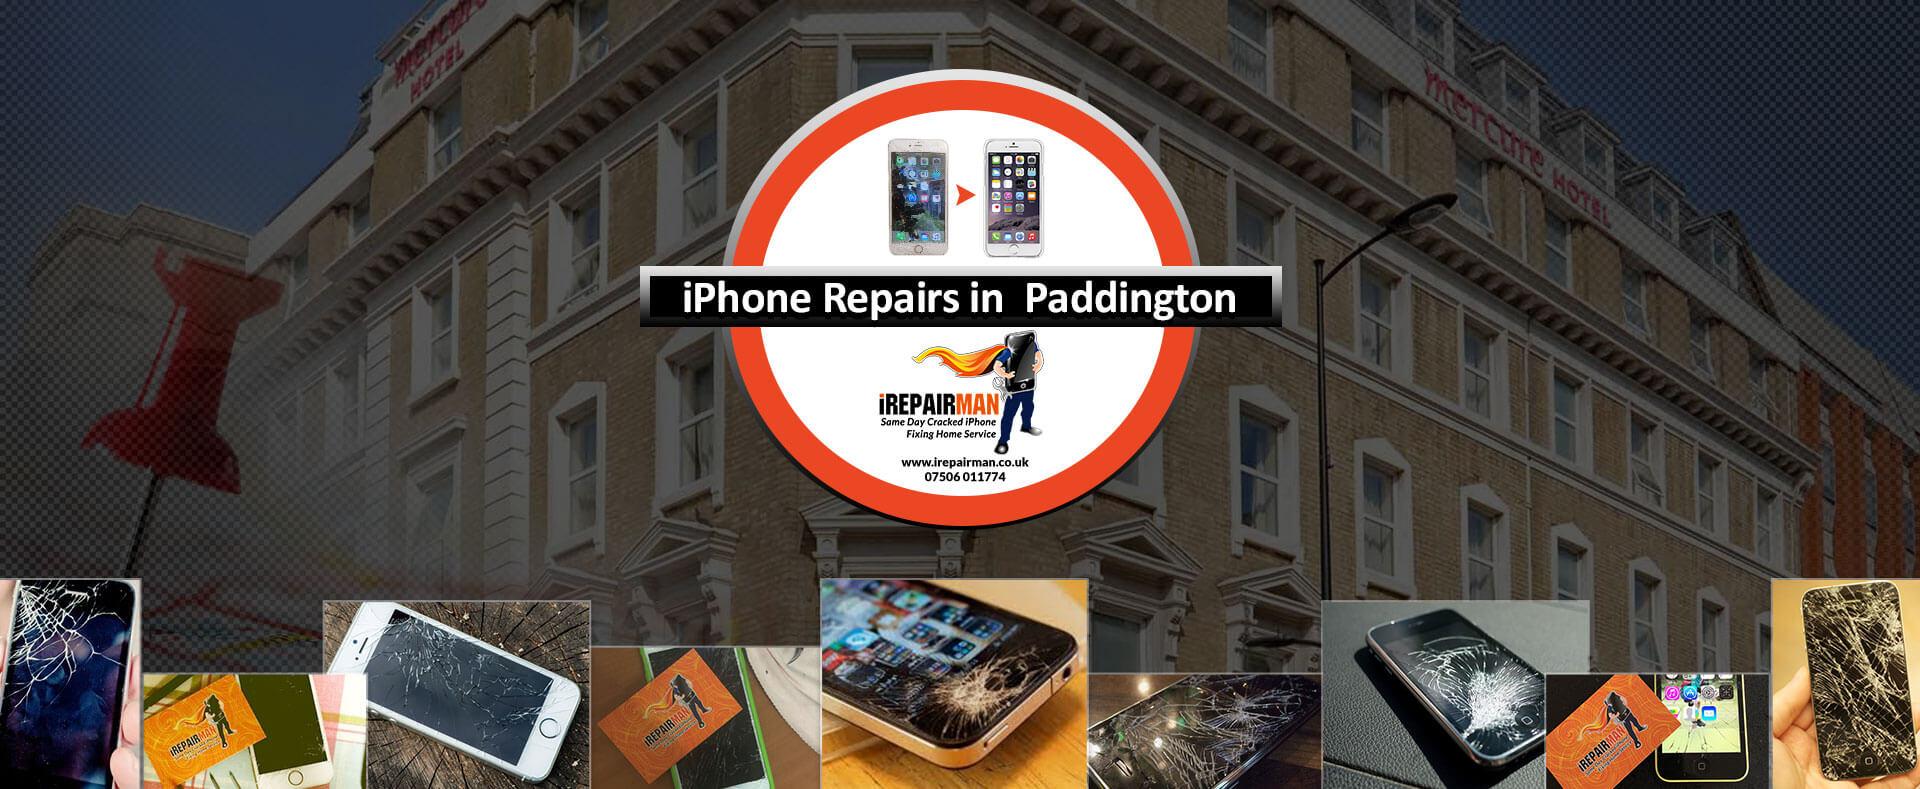 iPhone Repairs in Paddington